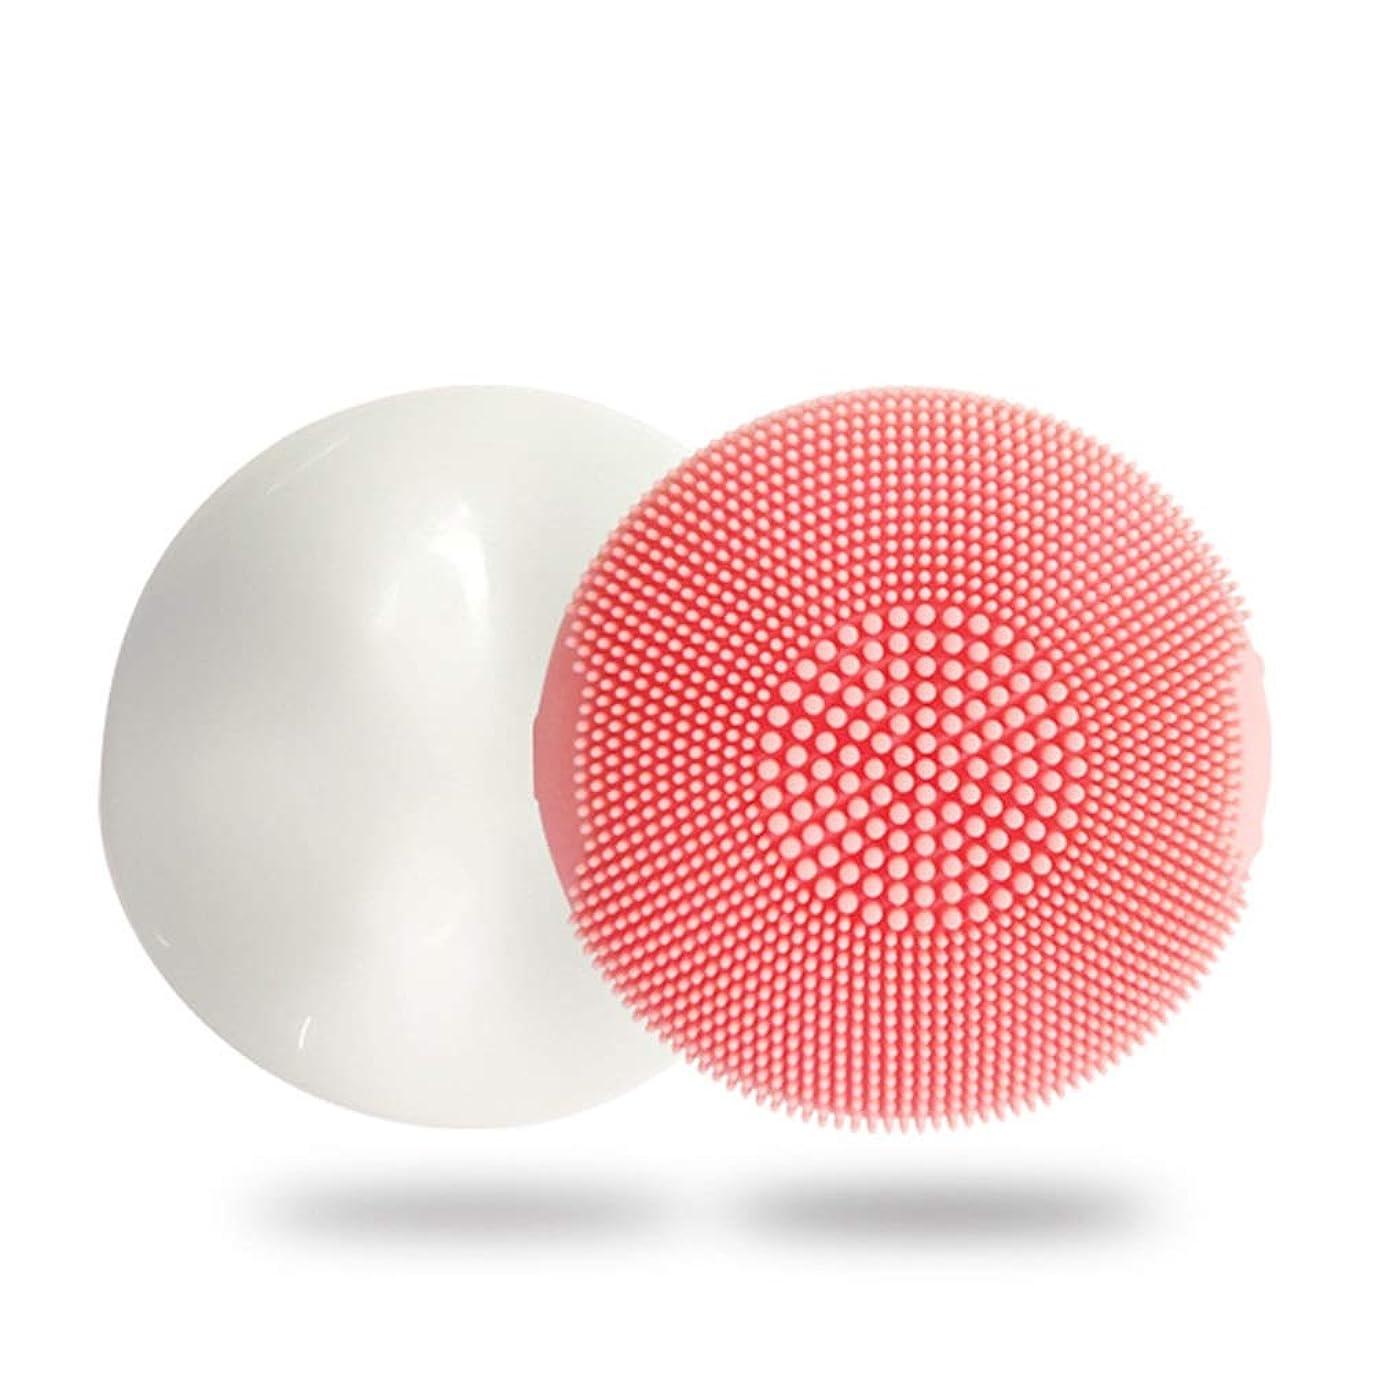 しない求人甘美なZXF 新電動シリコーンクレンジングブラシディープクリーニングポア防水超音波振動クレンジング楽器マッサージ器具美容器具 滑らかである (色 : Pink)